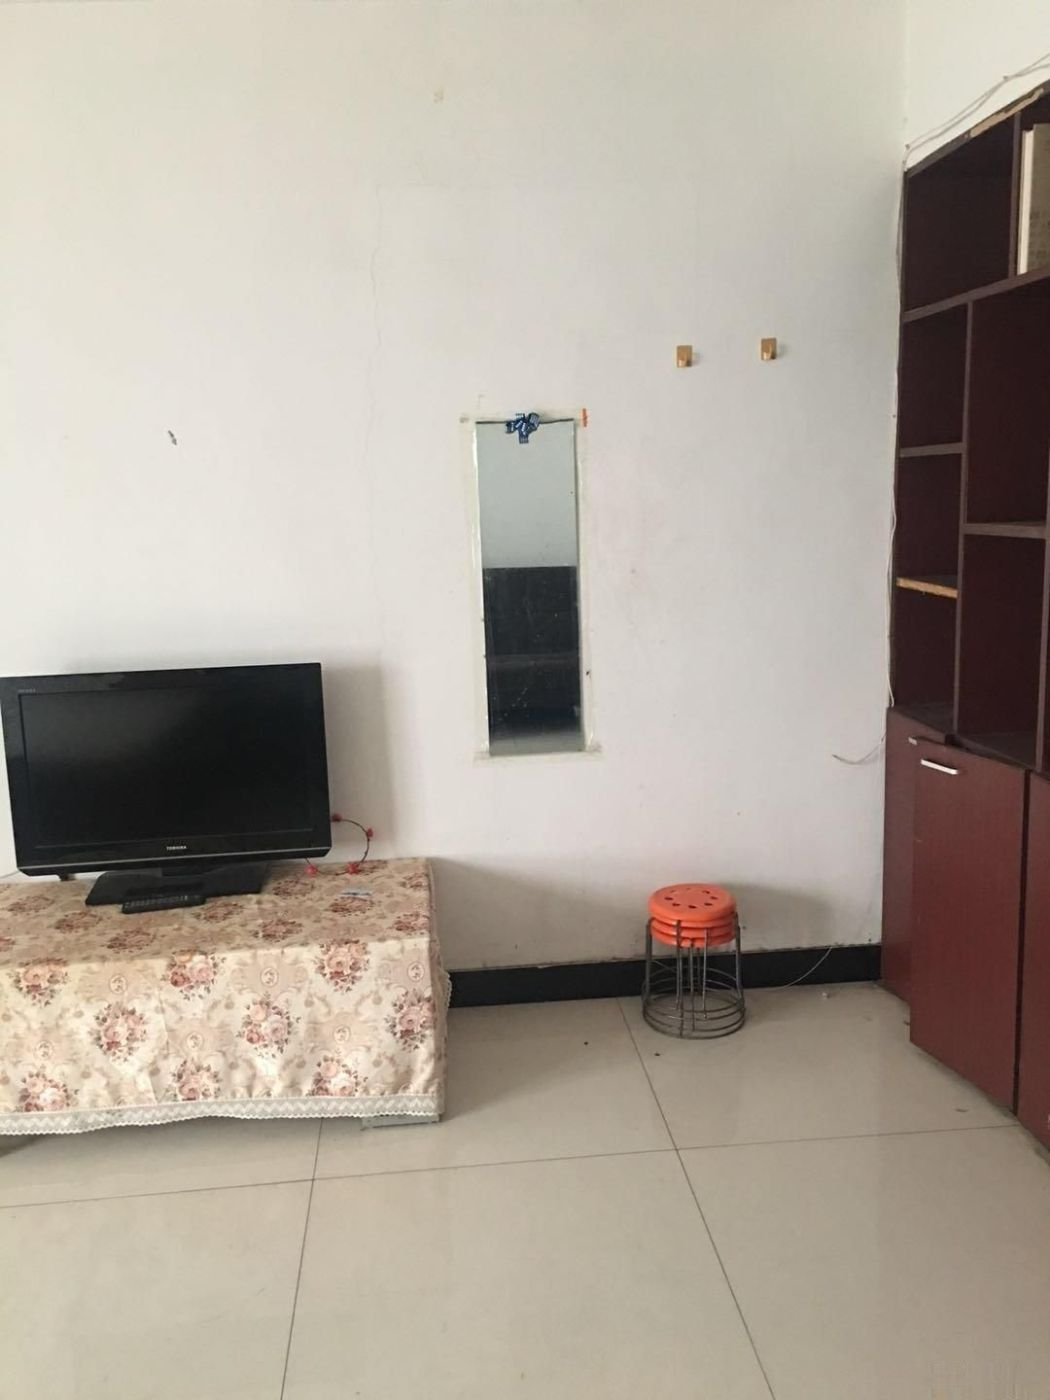 金水花园路嘉业公寓 1室0厅1卫 46.99平米